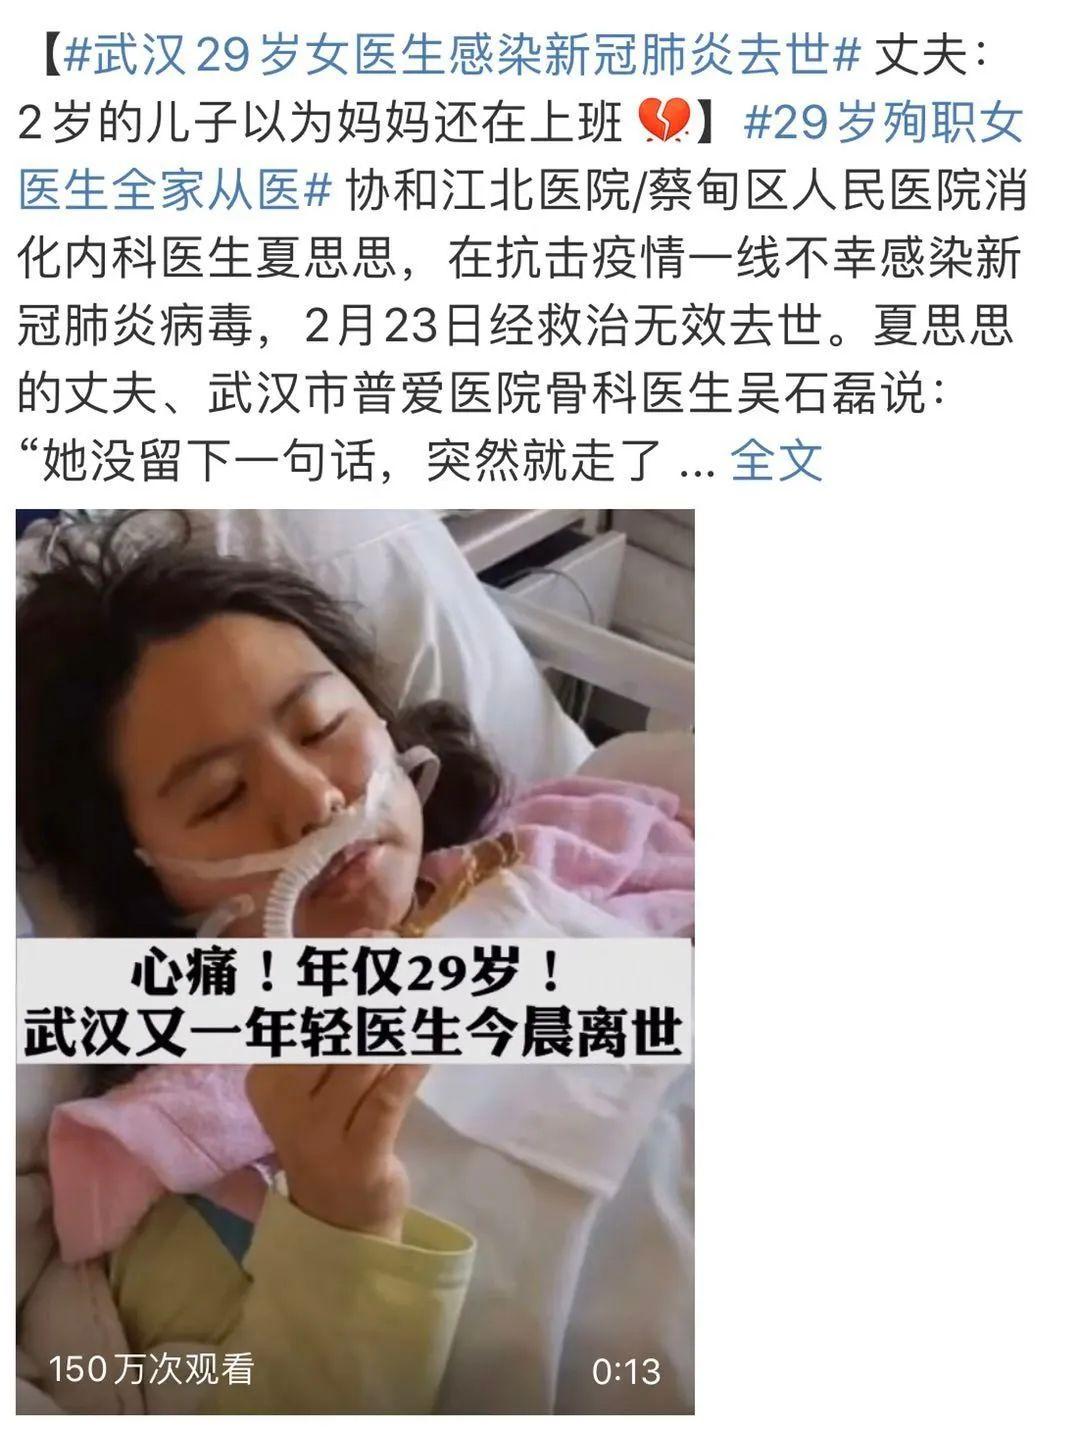 那个女医生 29岁女医生去世:你一狂欢,她们的死就轻如鸿毛